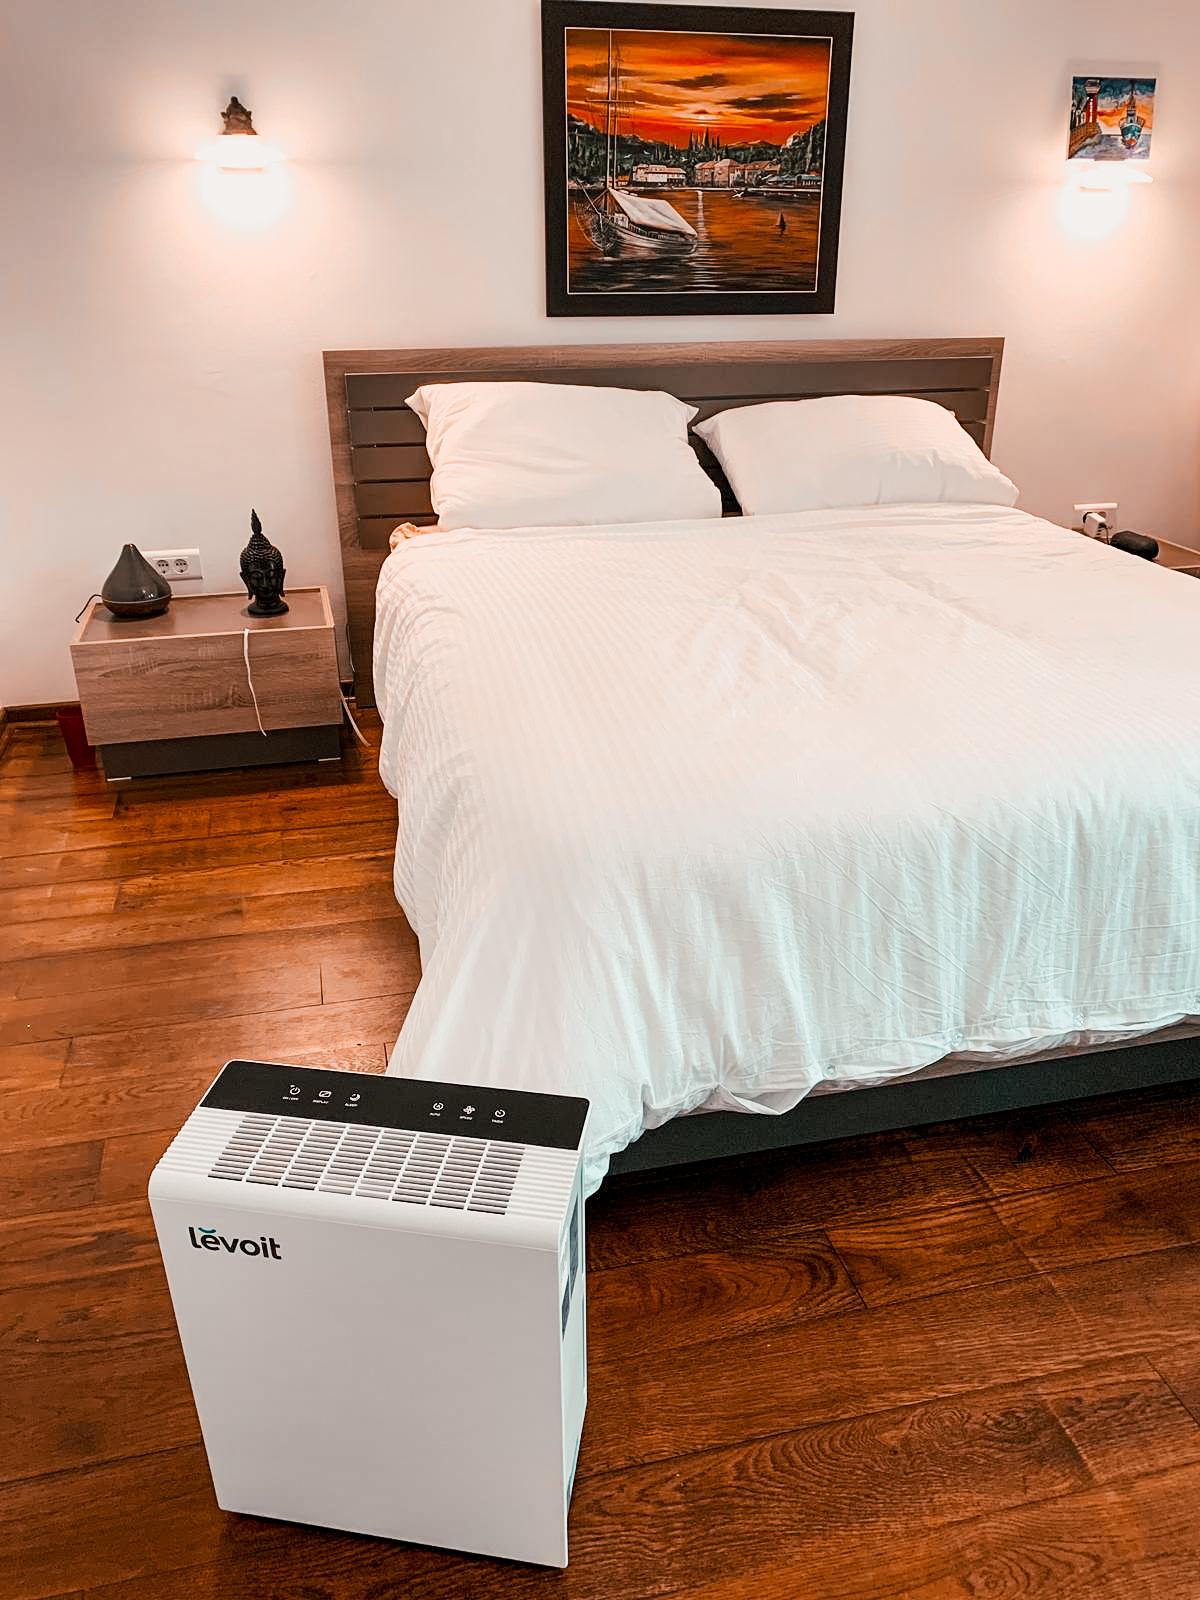 Levoit Smart Wifi Air Purifier3.jpeg